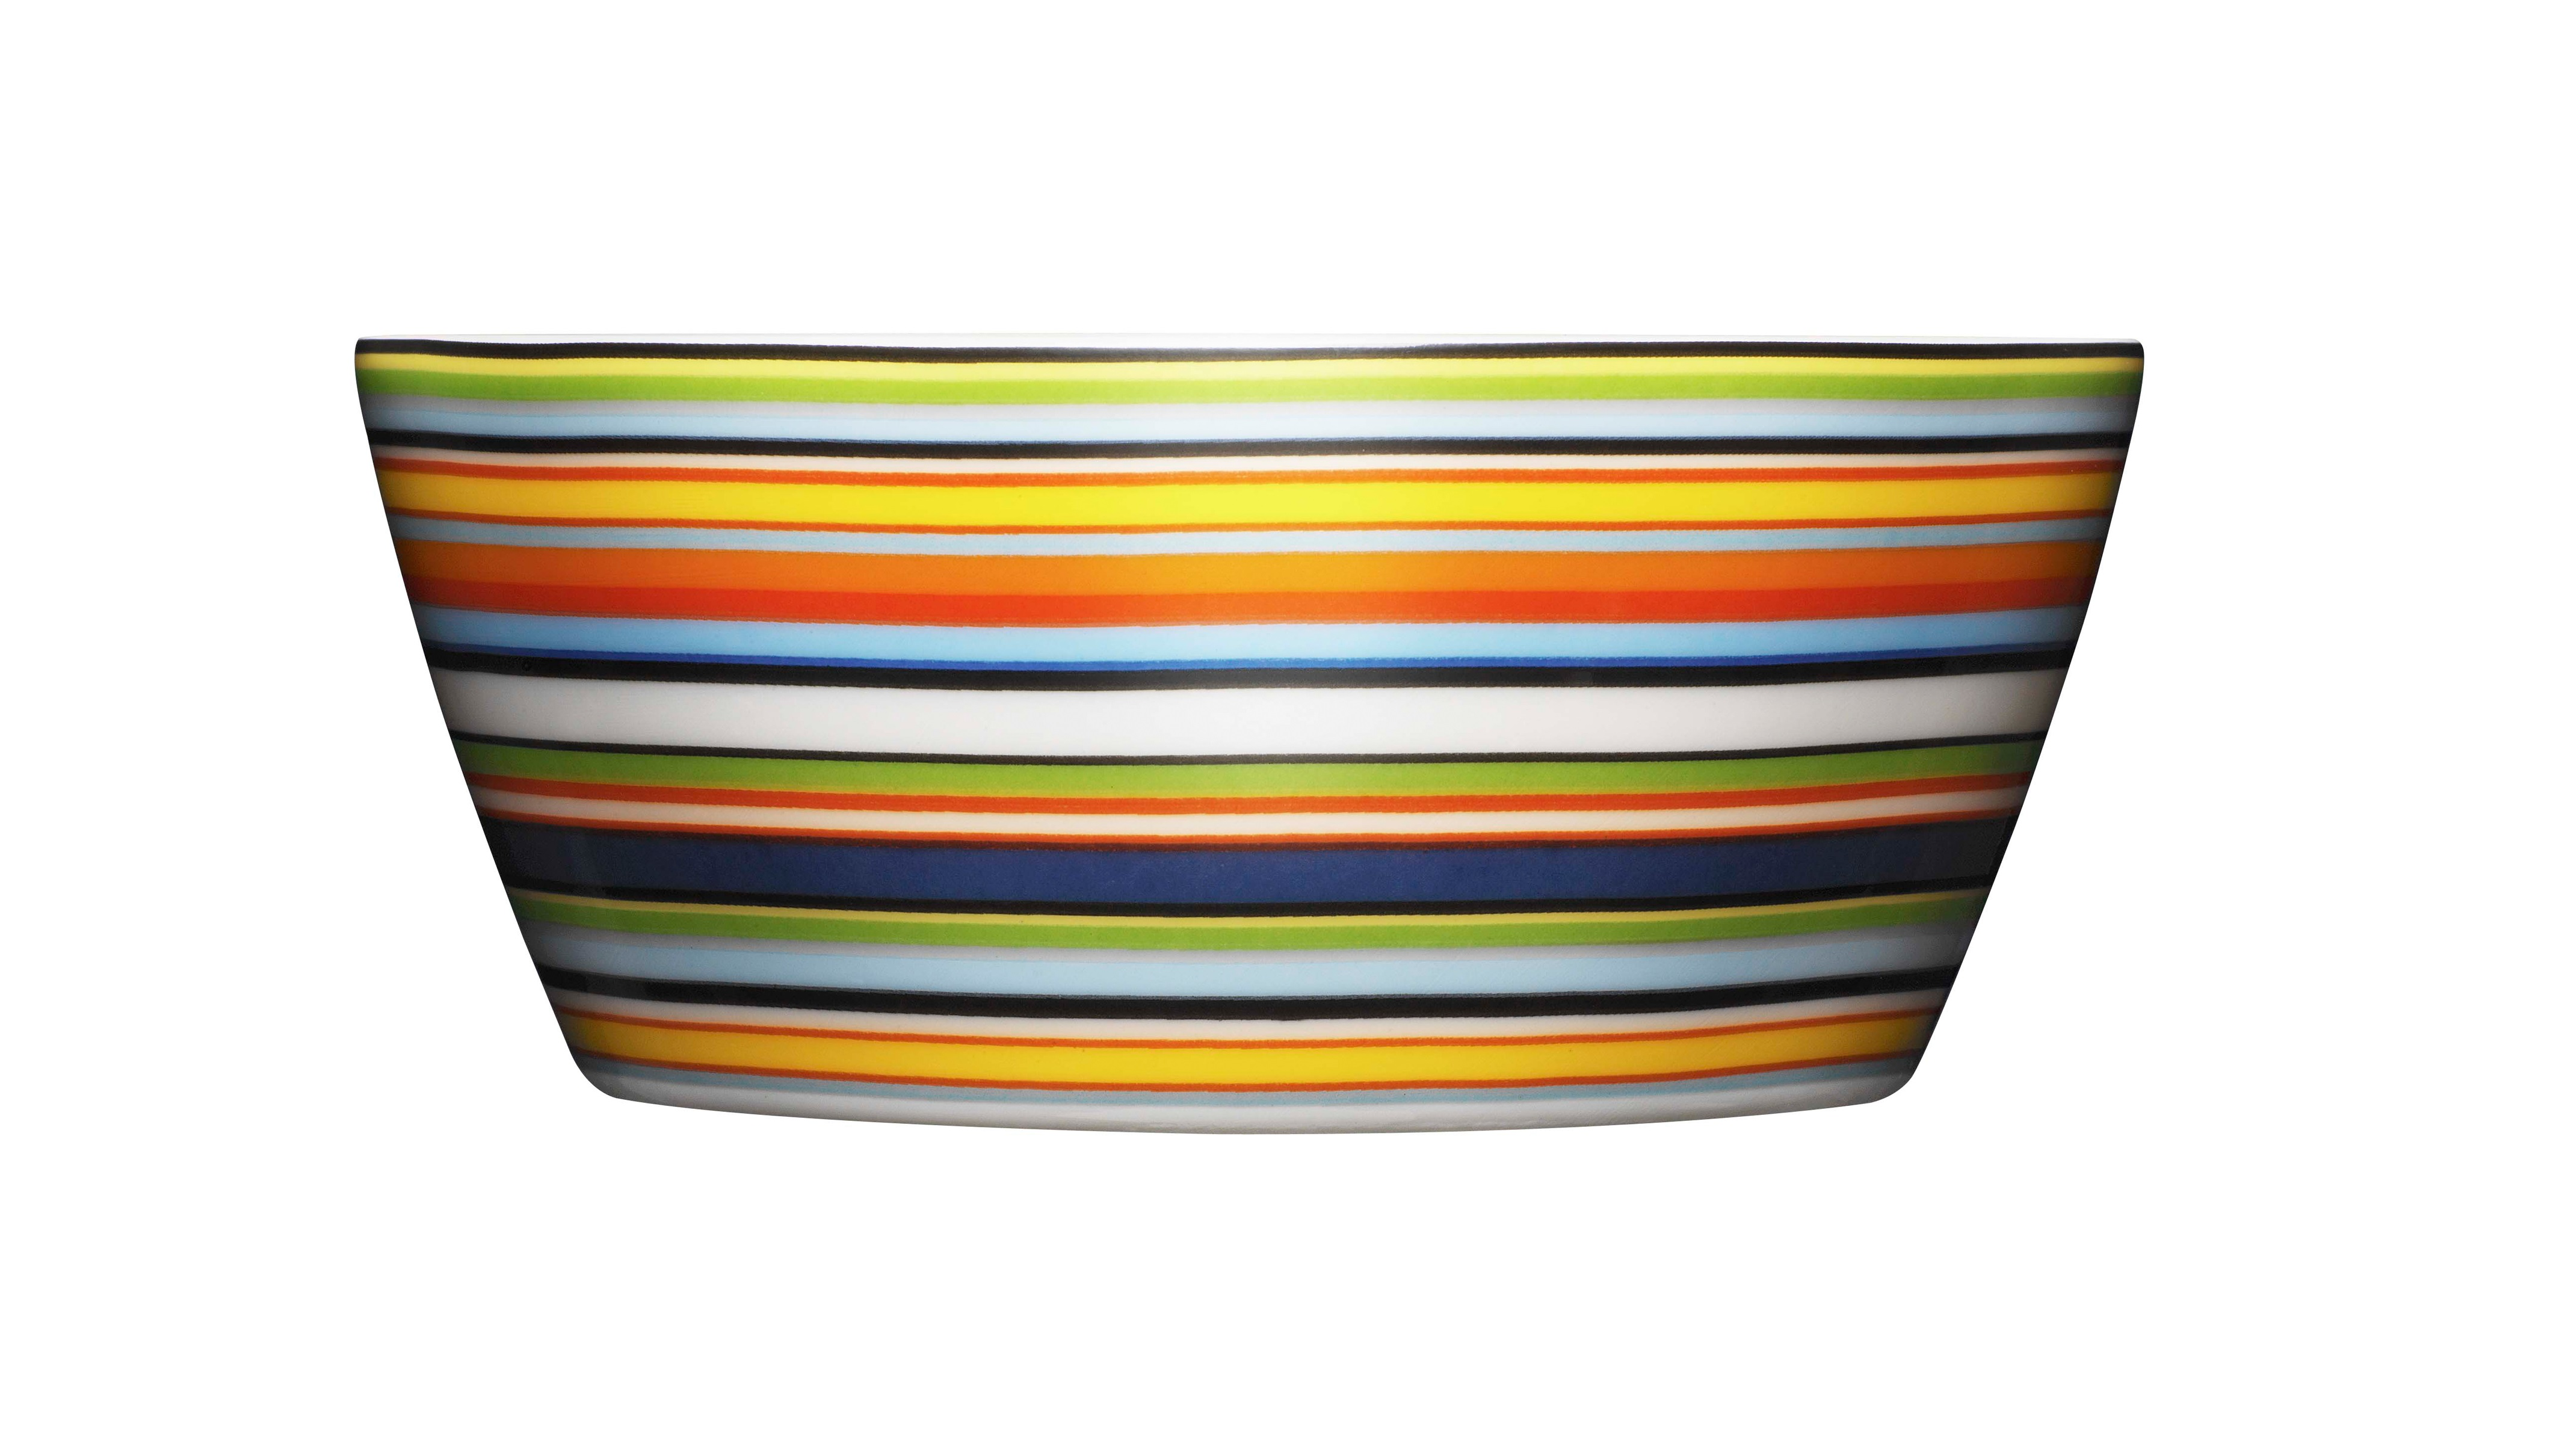 Десертная чаша OrigoМиски и чаши<br>Смелый полосатый рисунок посуды серии Origo будет свежо смотреться на любой кухне. Посуда прекрасно сочетается с посудой других серий Iittala и подходит для приёма любой пищи. Впервые серия вышла 1999 году и с того момента стала невероятно популярной во всем мире.<br><br>Material: Фарфор<br>Высота см: 5